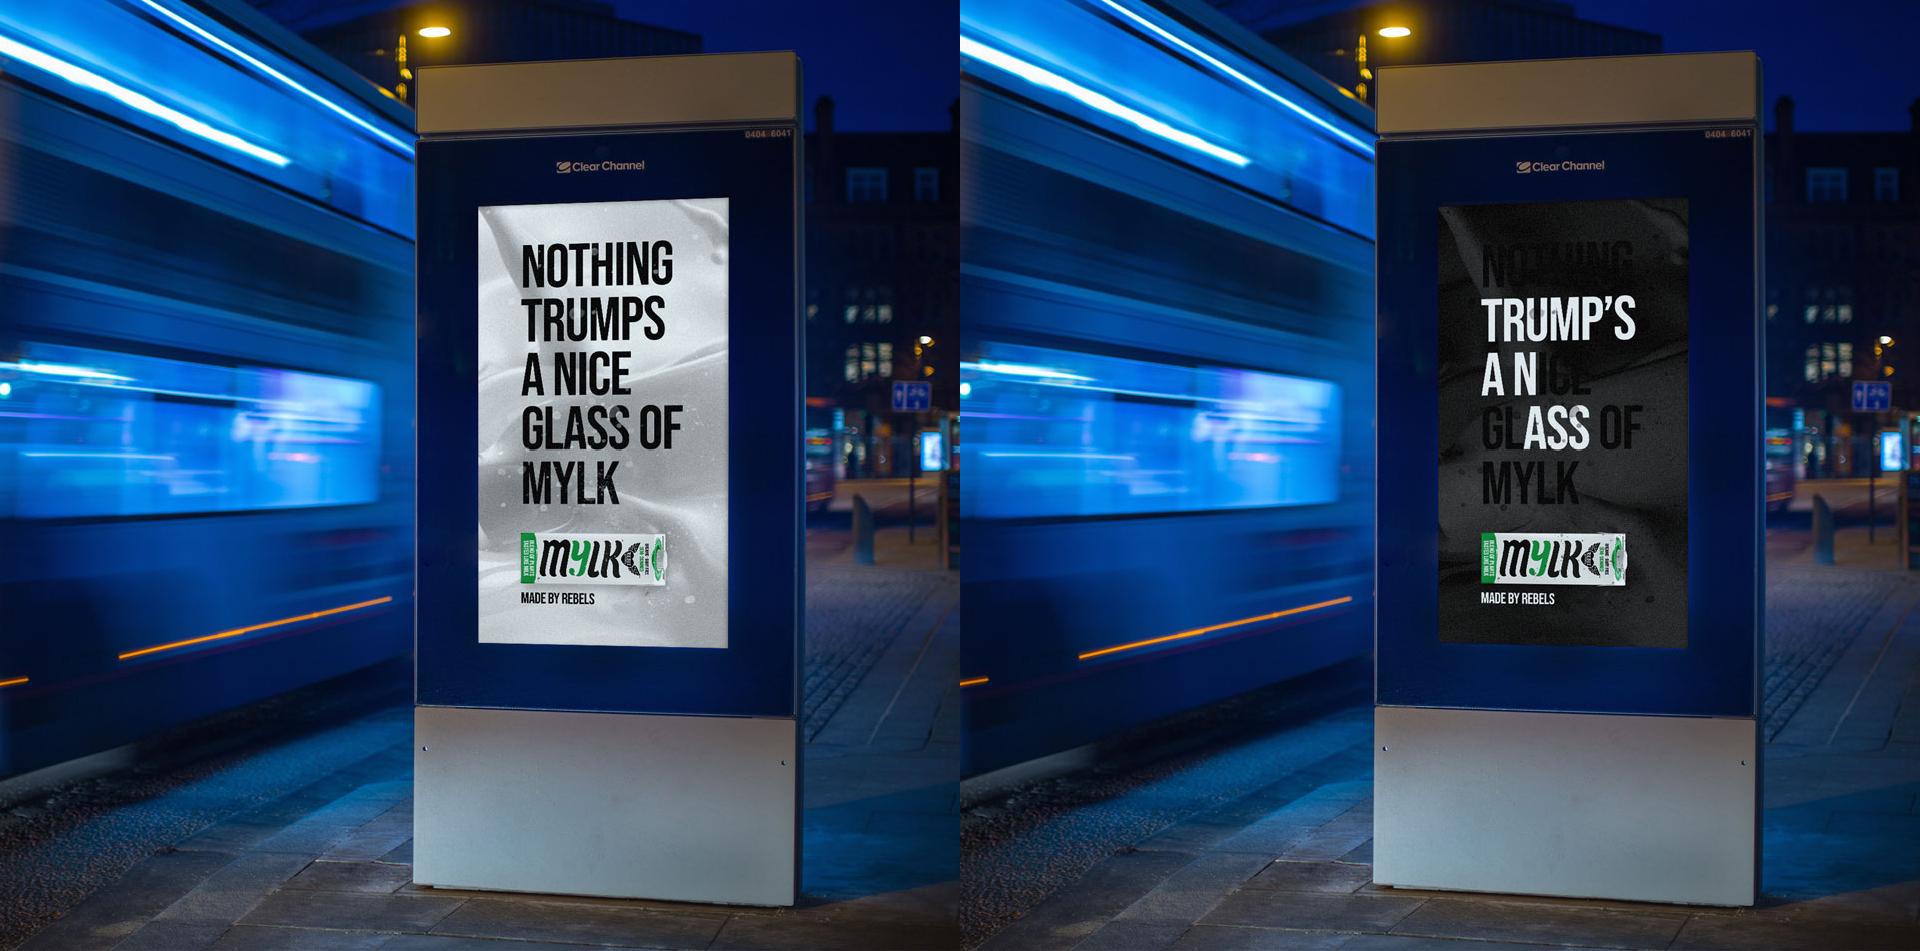 """Rebel Kitchen ad showing the hidden message """"Trump's an ass"""""""